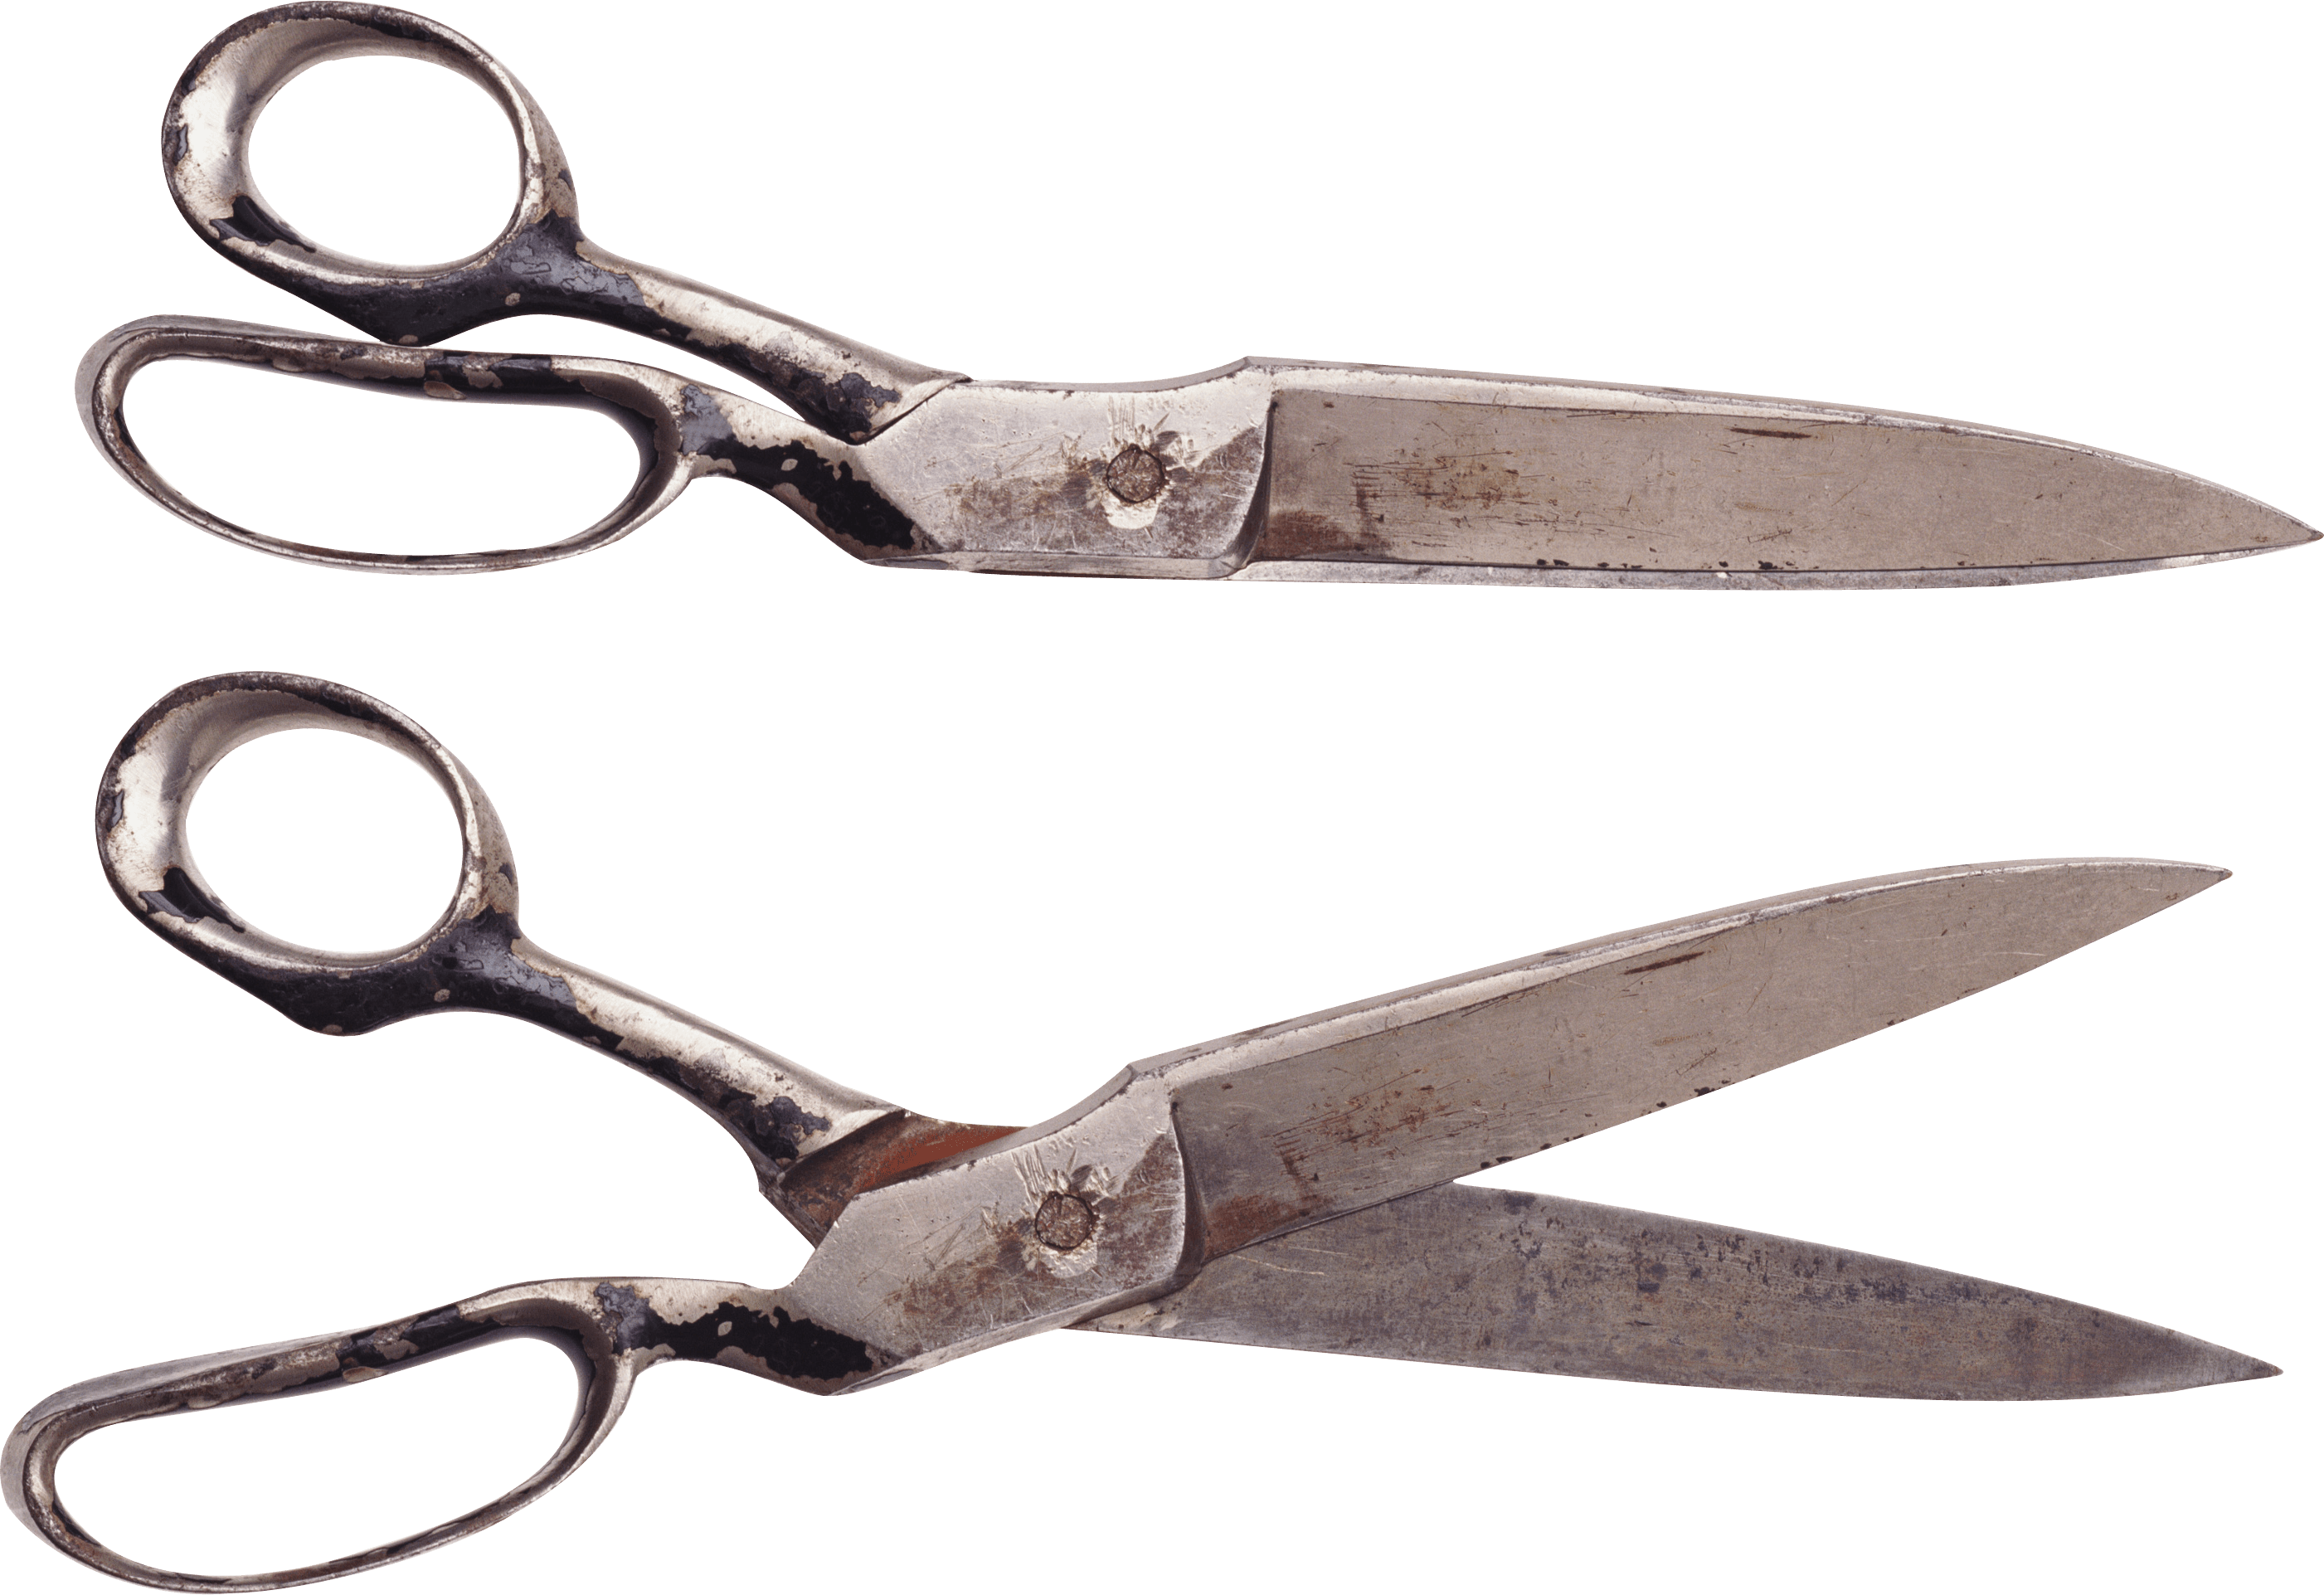 2802x1923 Simple Scissors Clipart Transparent Png